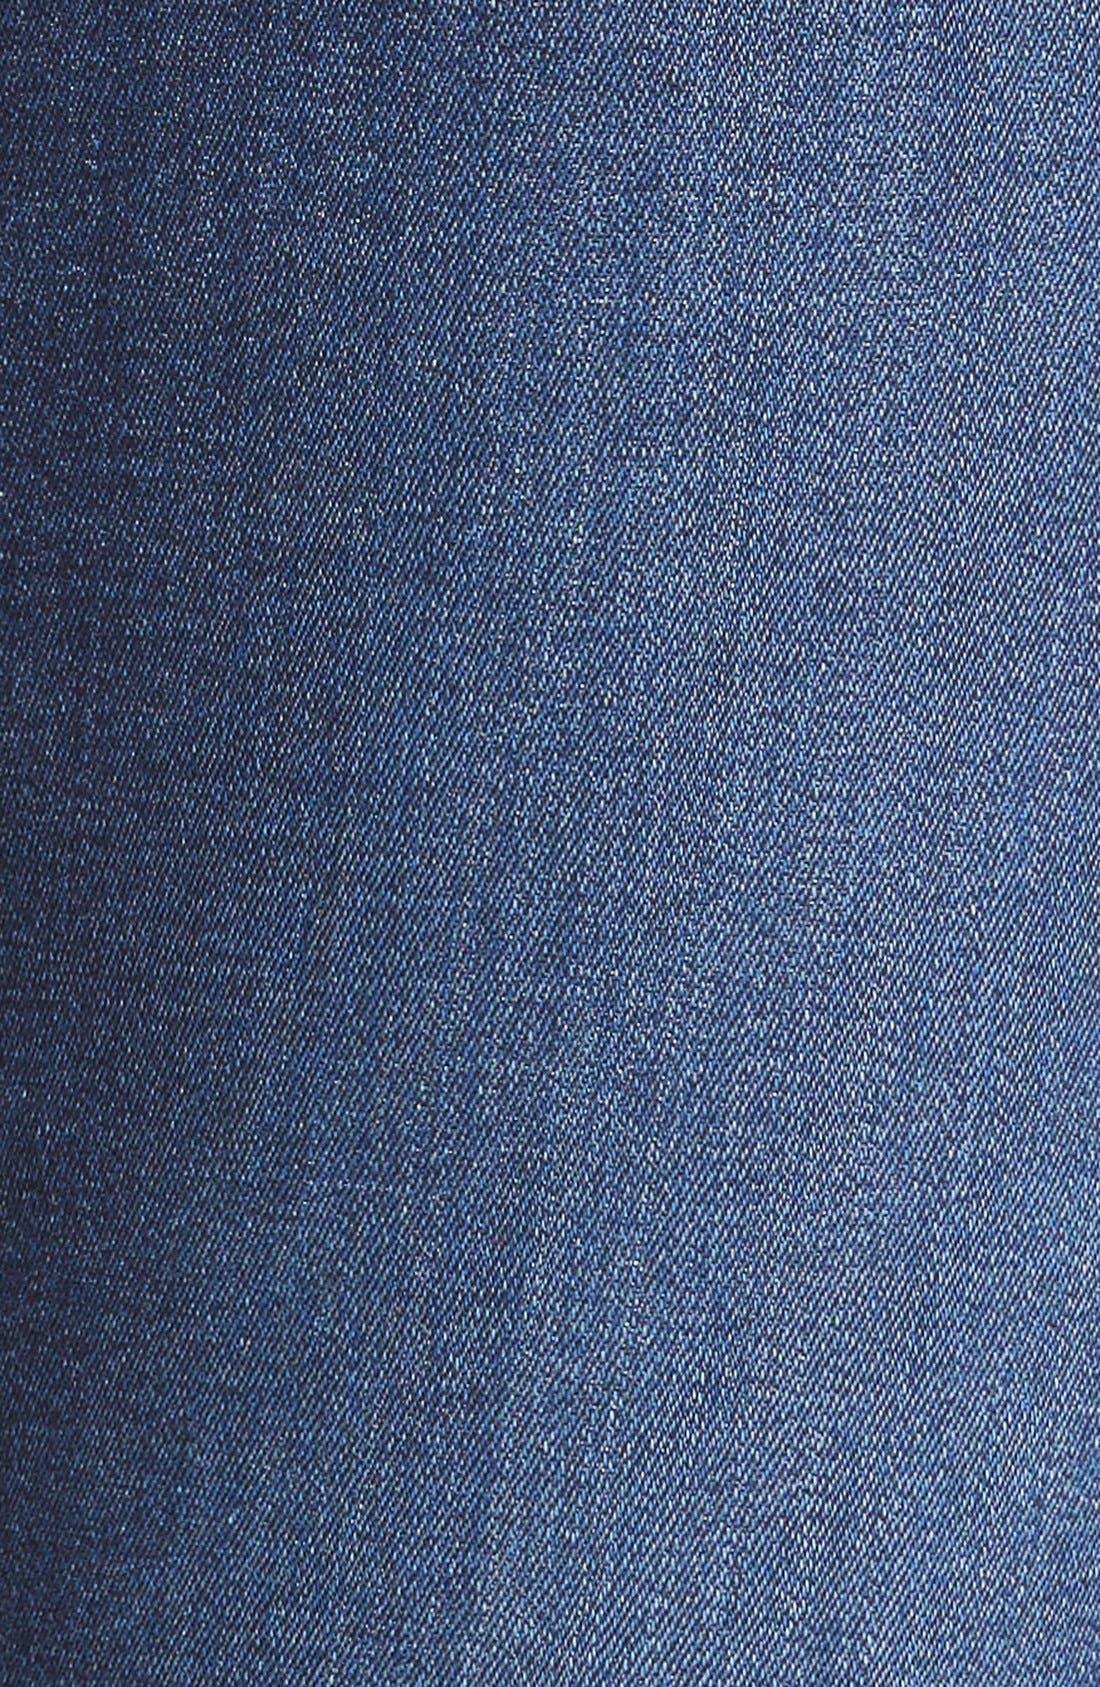 b(air) Kimmie Straight Leg Jeans,                             Alternate thumbnail 5, color,                             DUCHESS